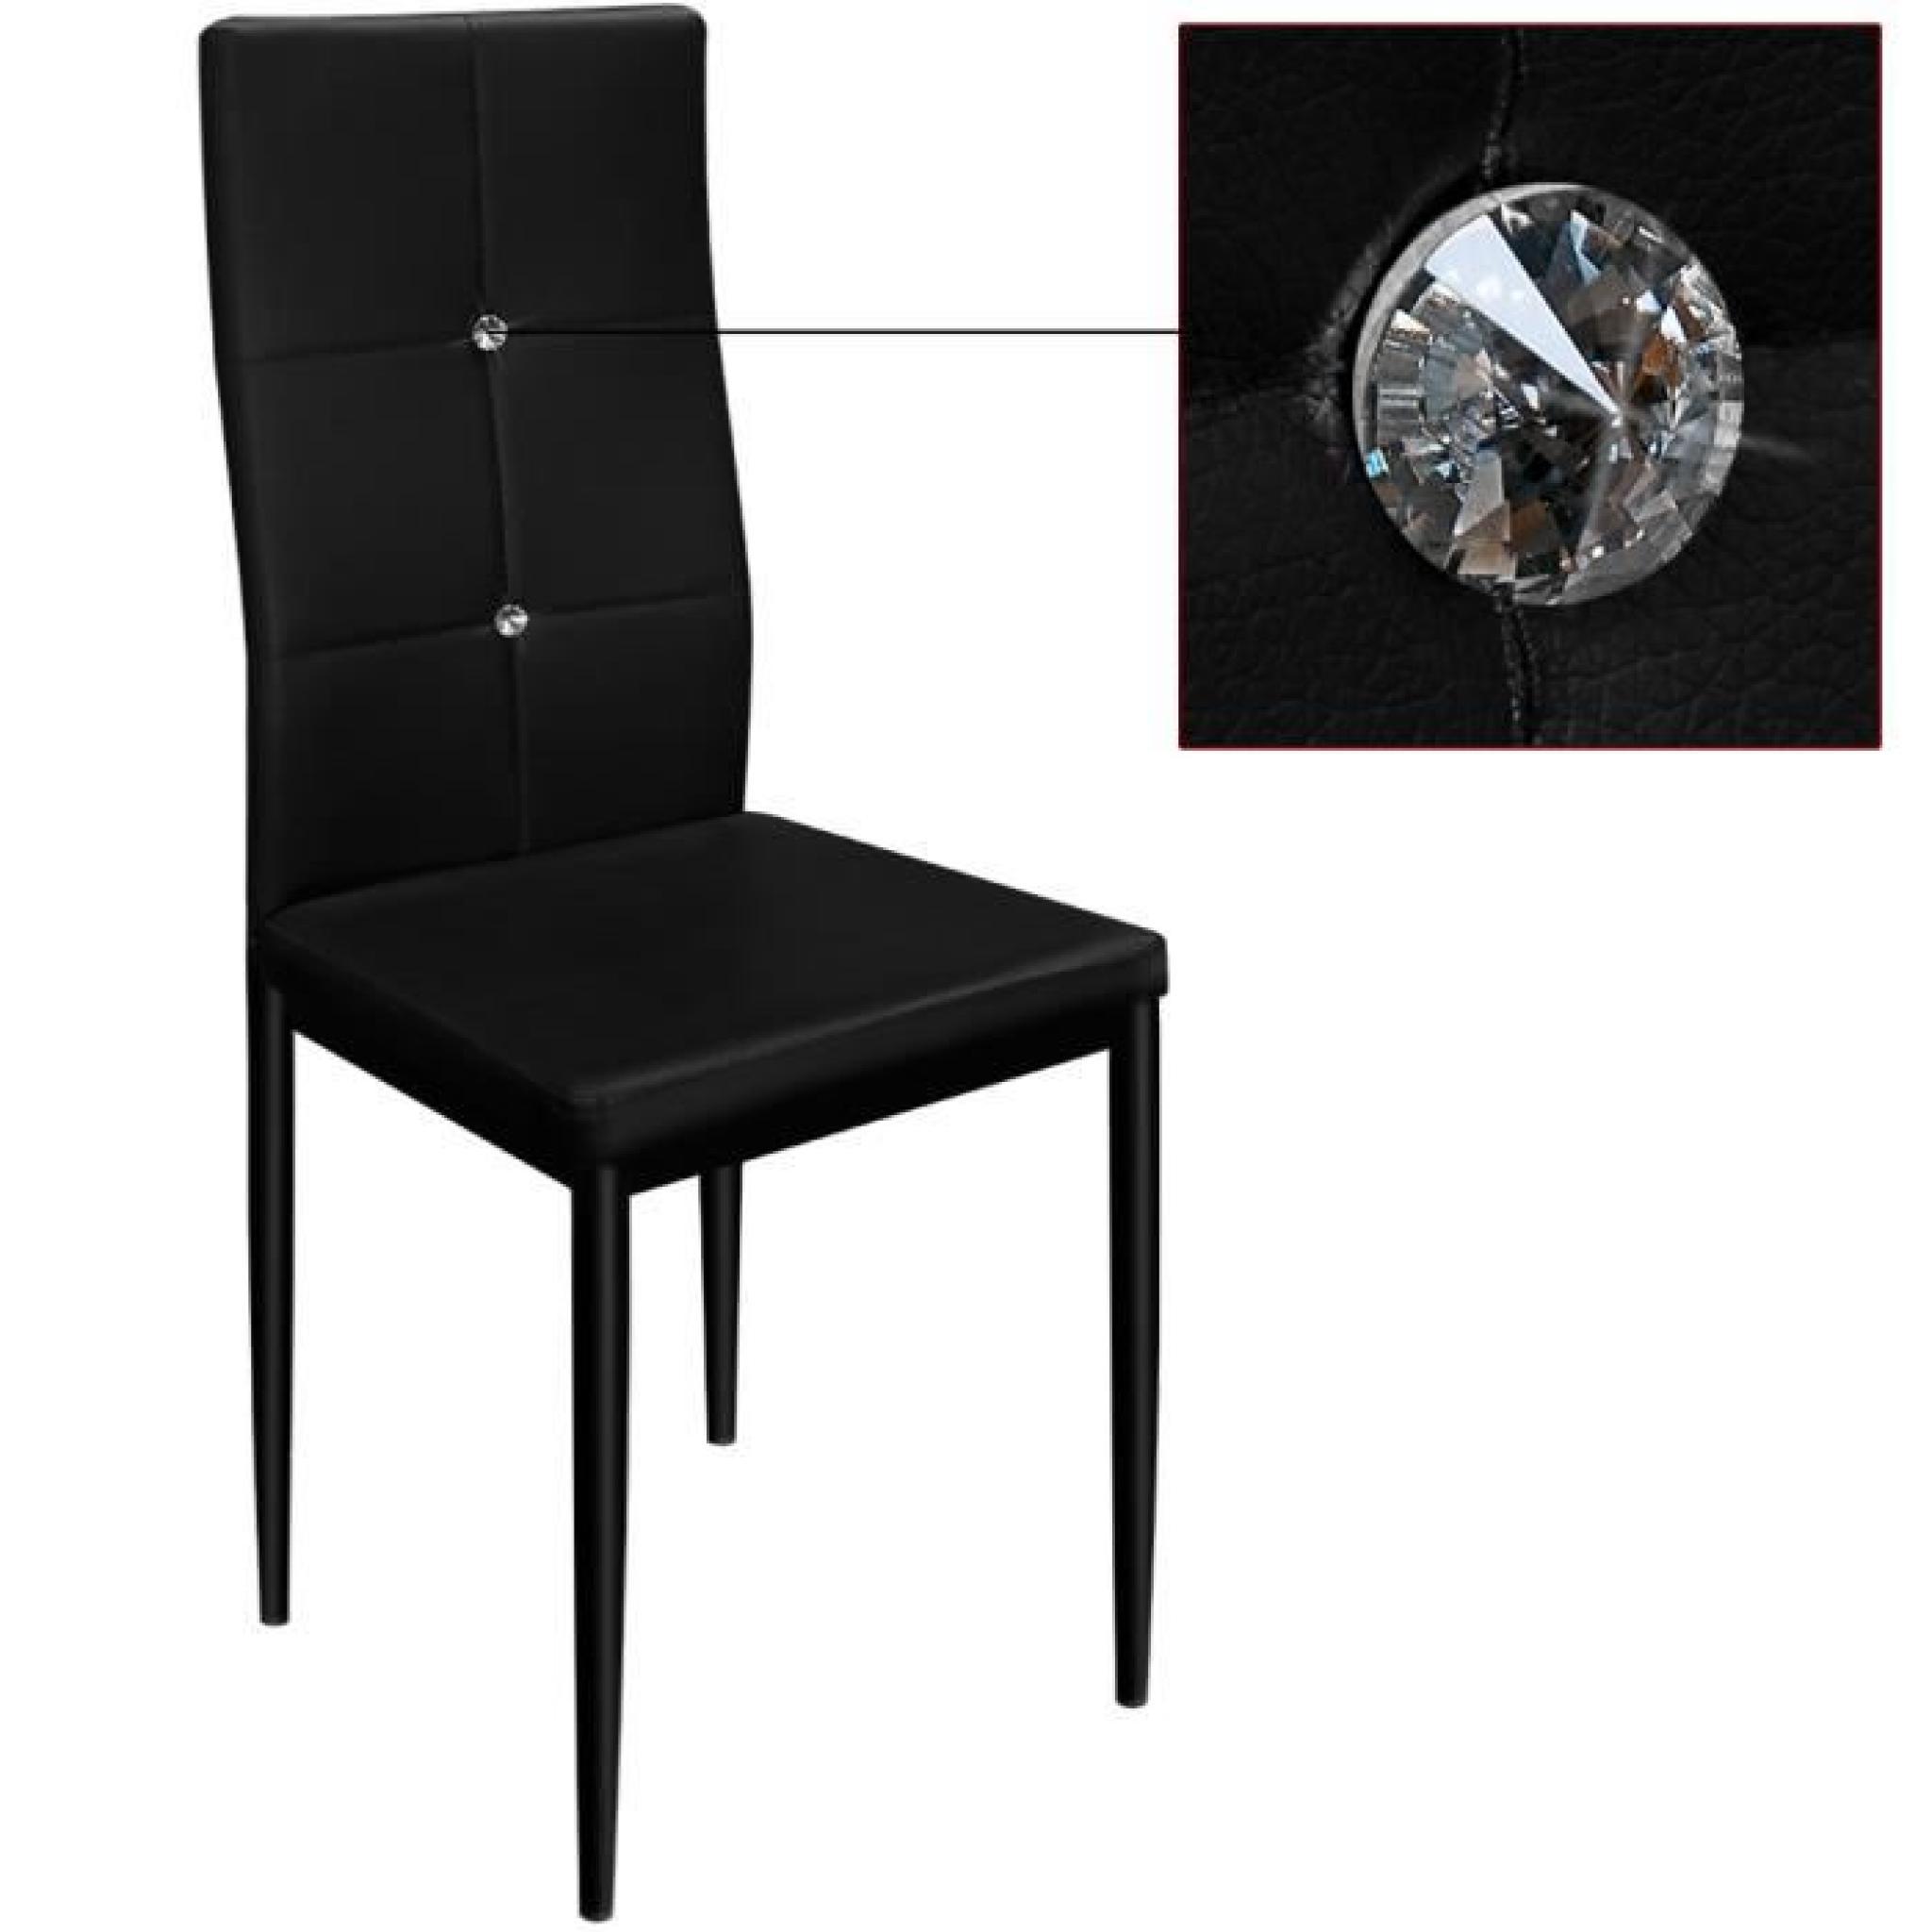 6x chaises de salle manger avec strass noires achat for 6 chaise salle a manger pas cher